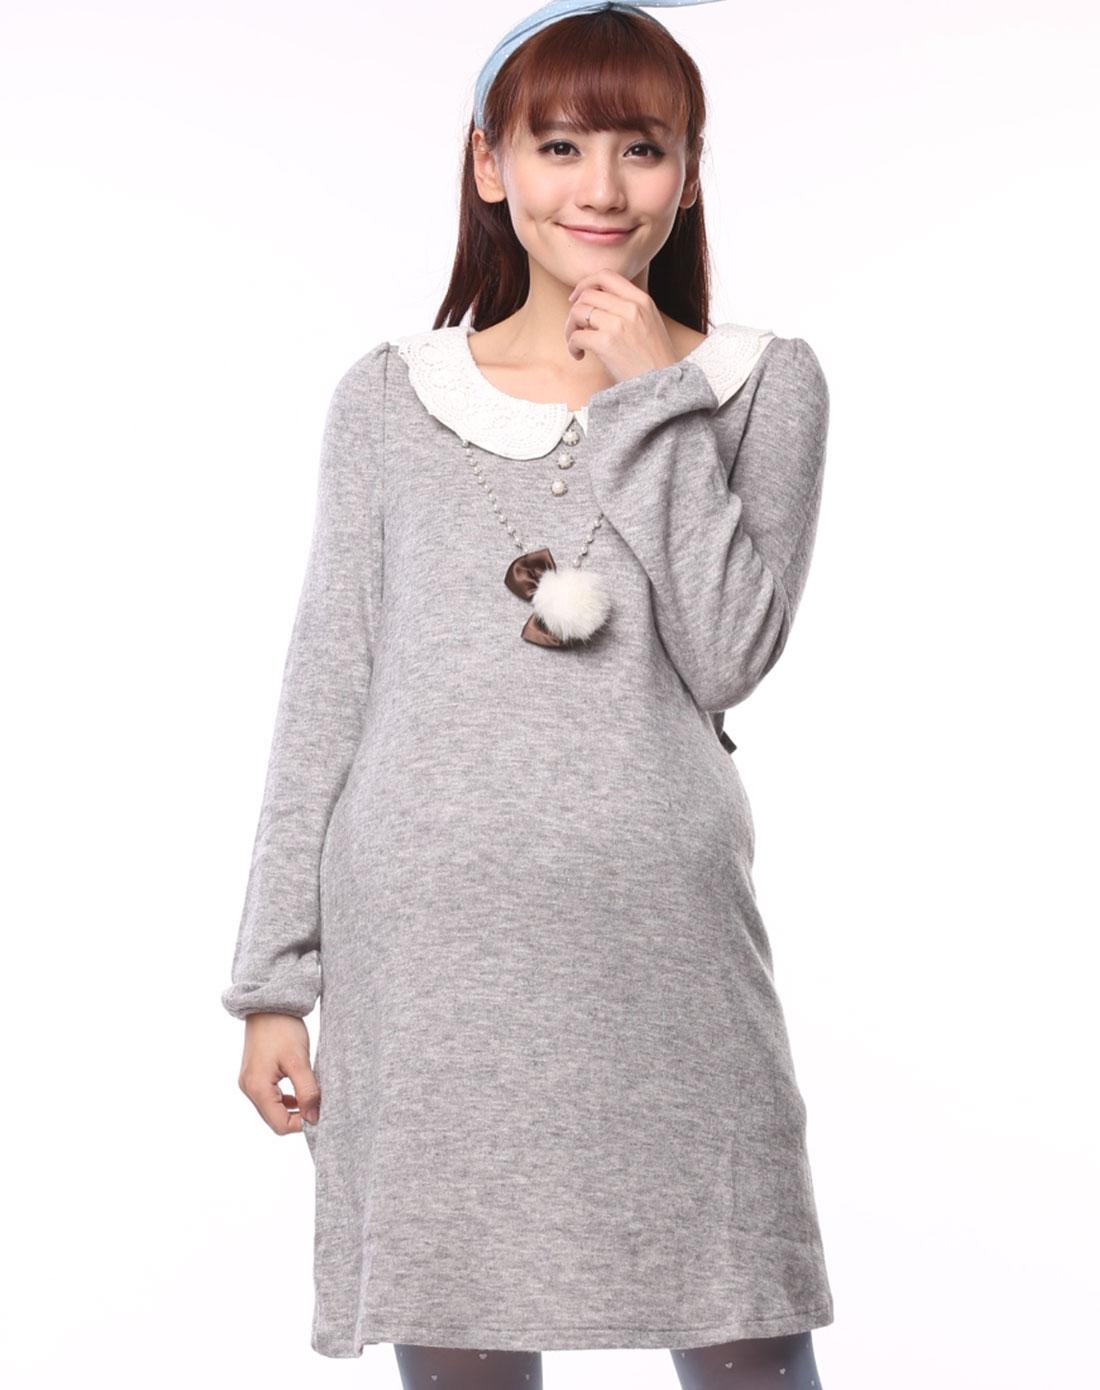 浅灰花沙毛衣布花边领孕妇连衣裙